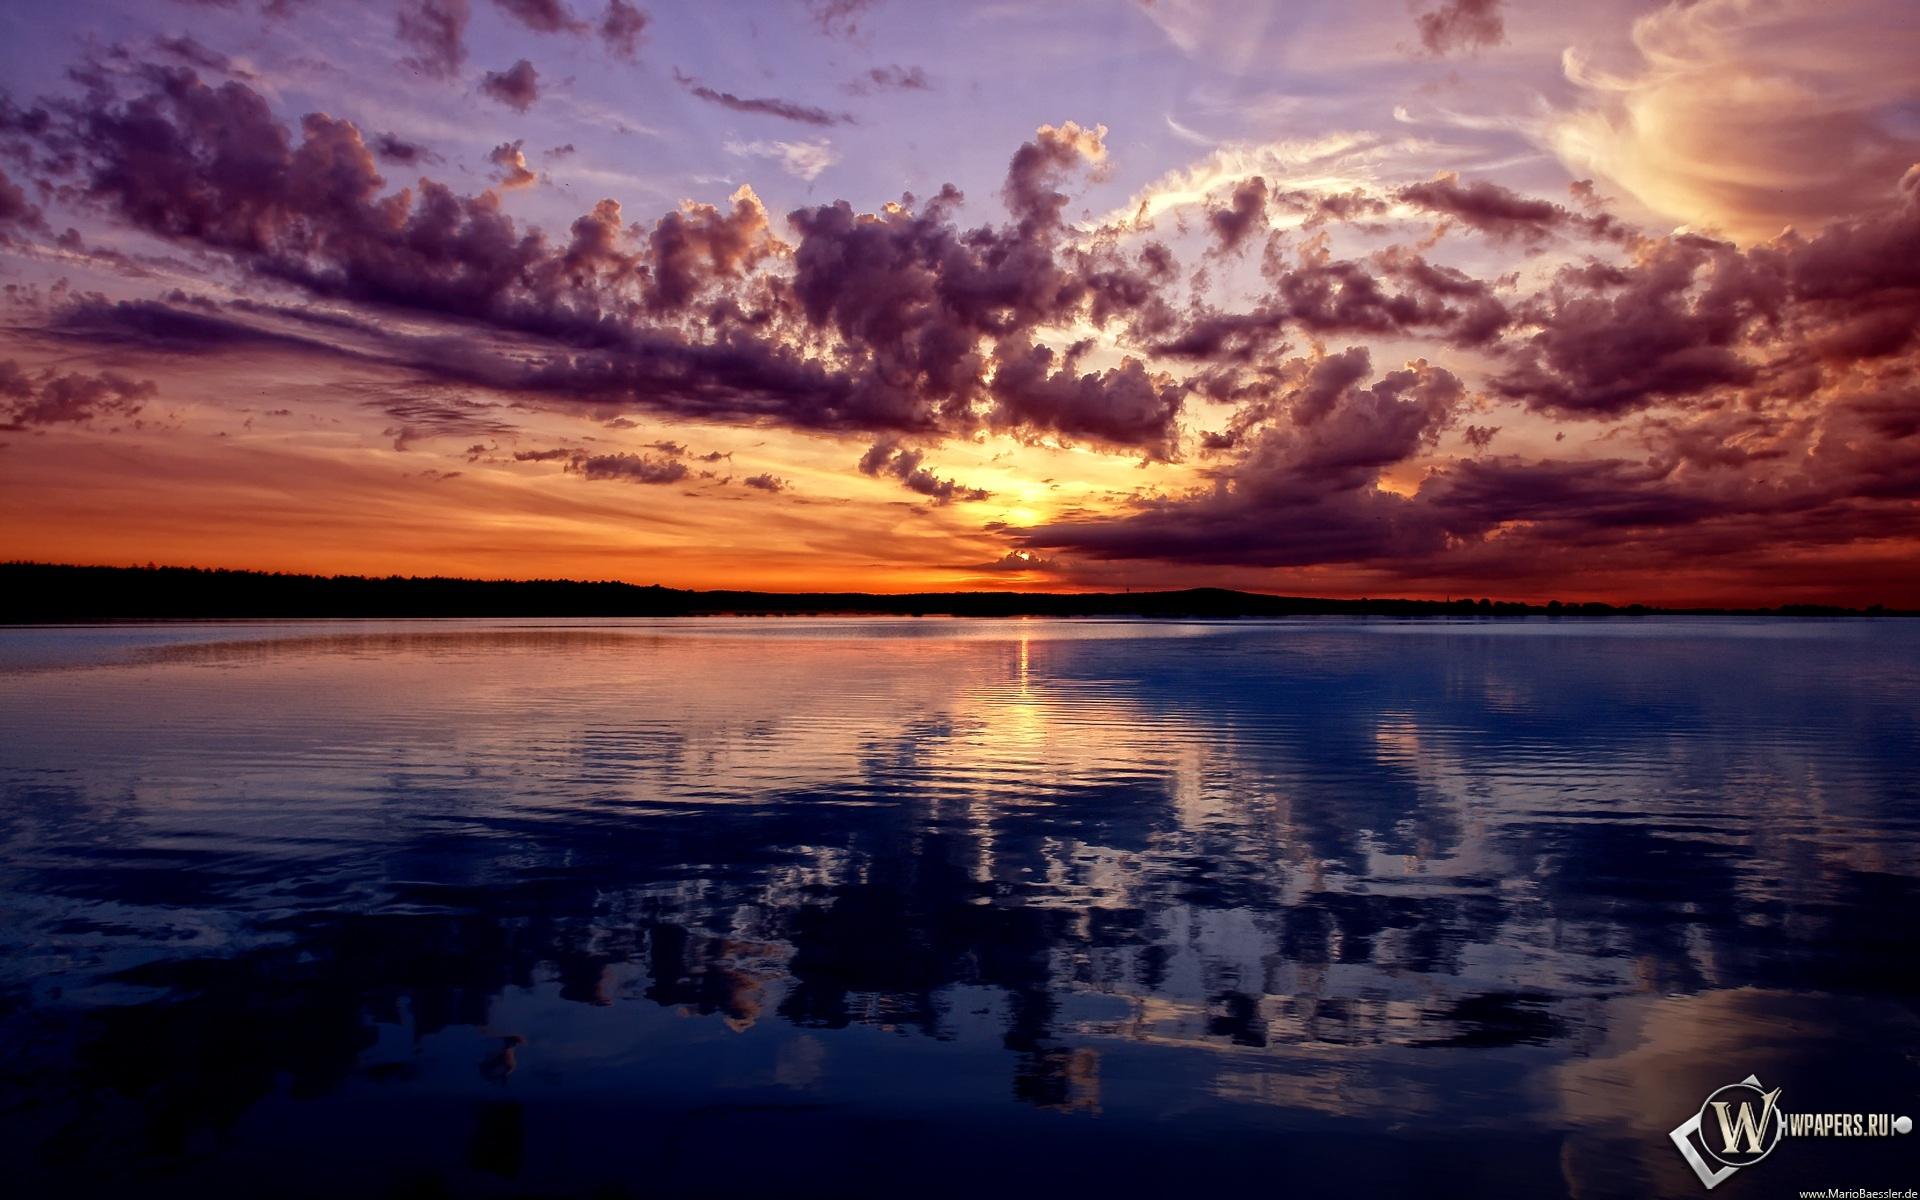 Закат над рекой 1920x1200